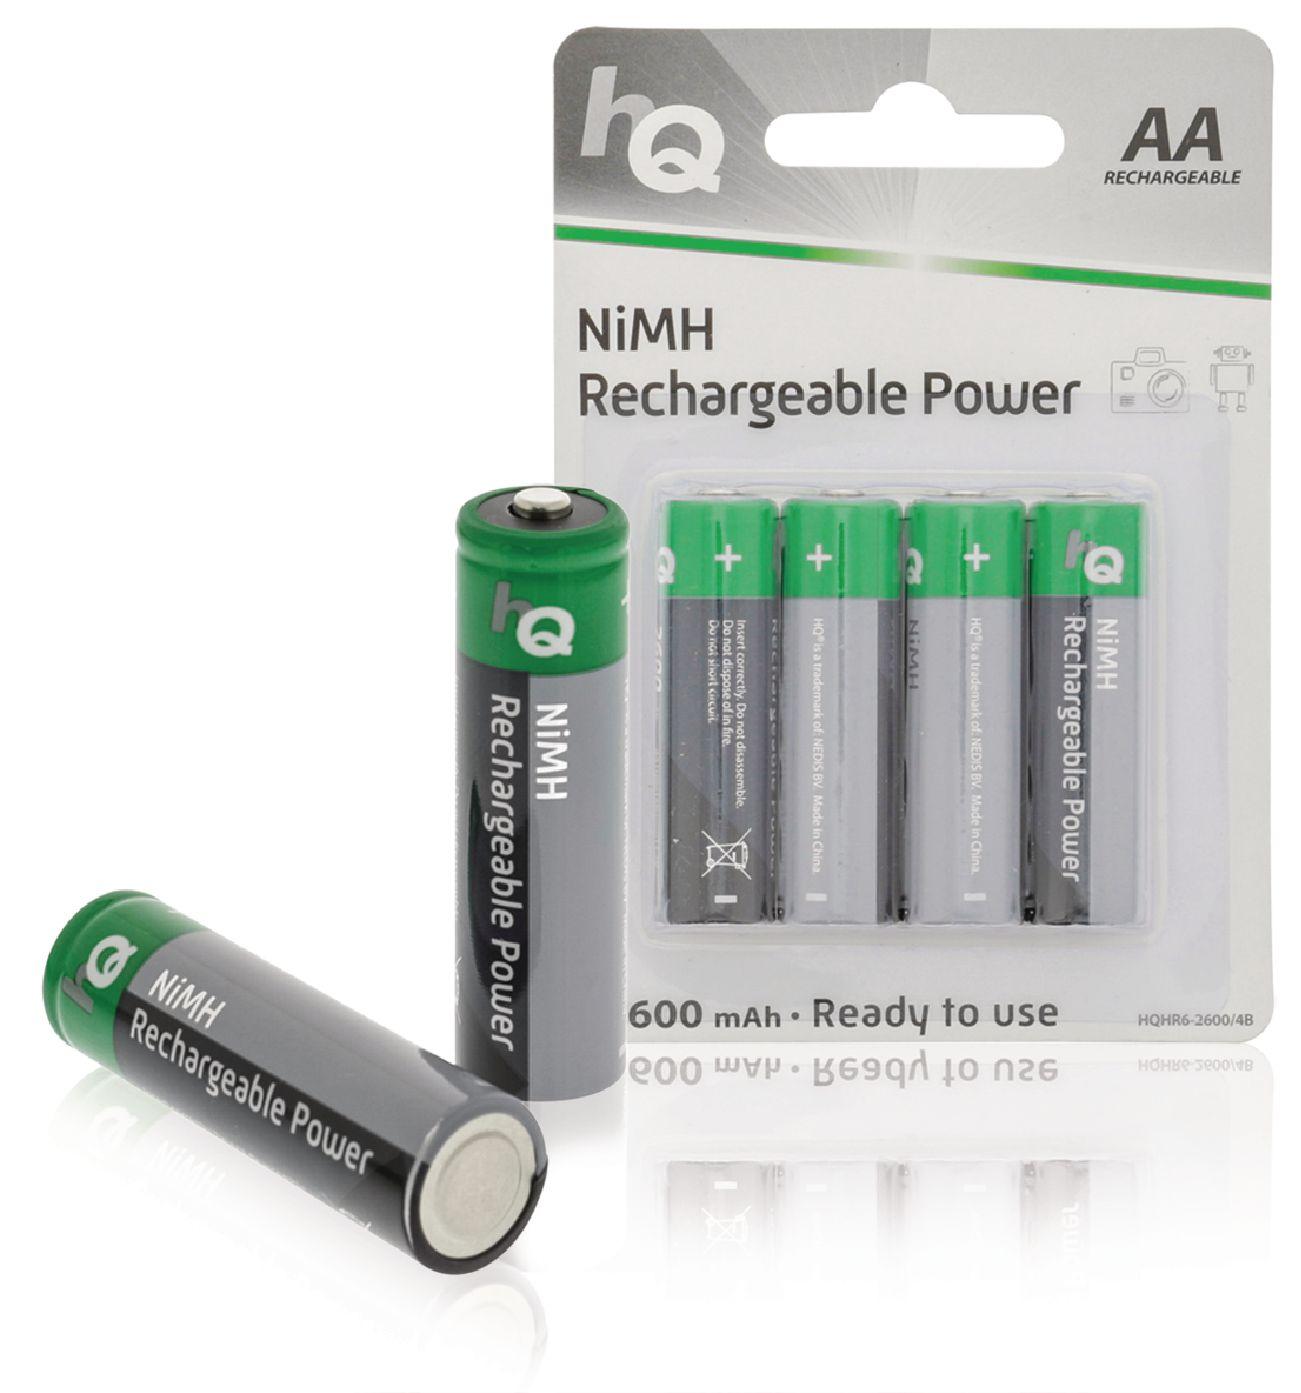 Nabíjecí baterie HQ NiMH AA 1.2V 2600mAh - 4ks, HQHR6-2600/4B